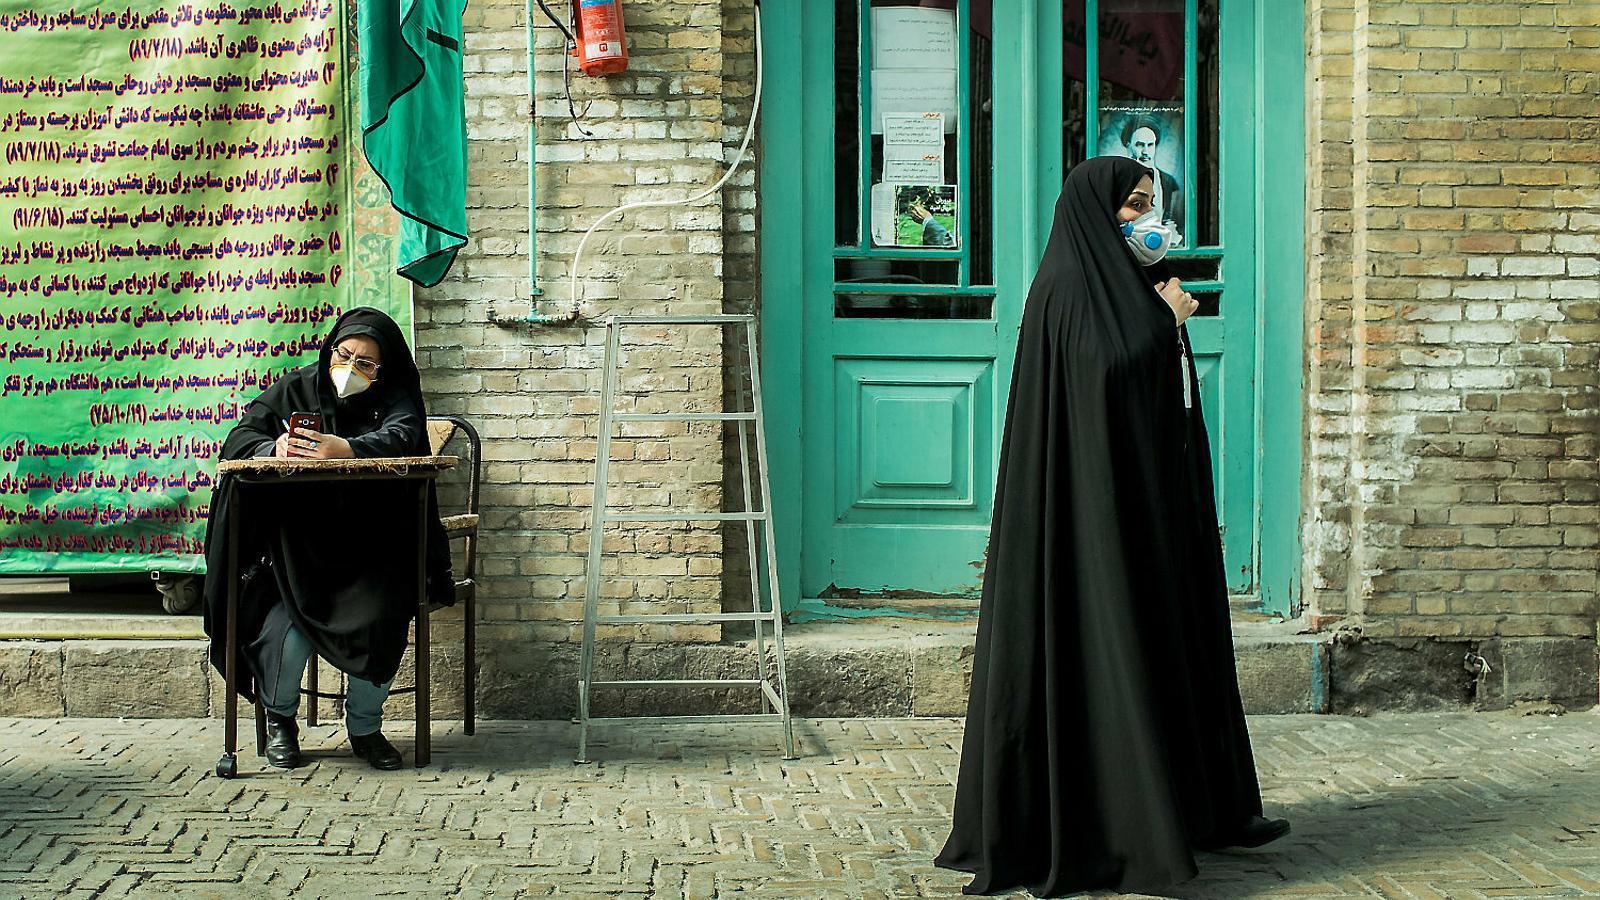 Dues dones es protegeixen amb mascaretes al mig del carrer a Teheran.